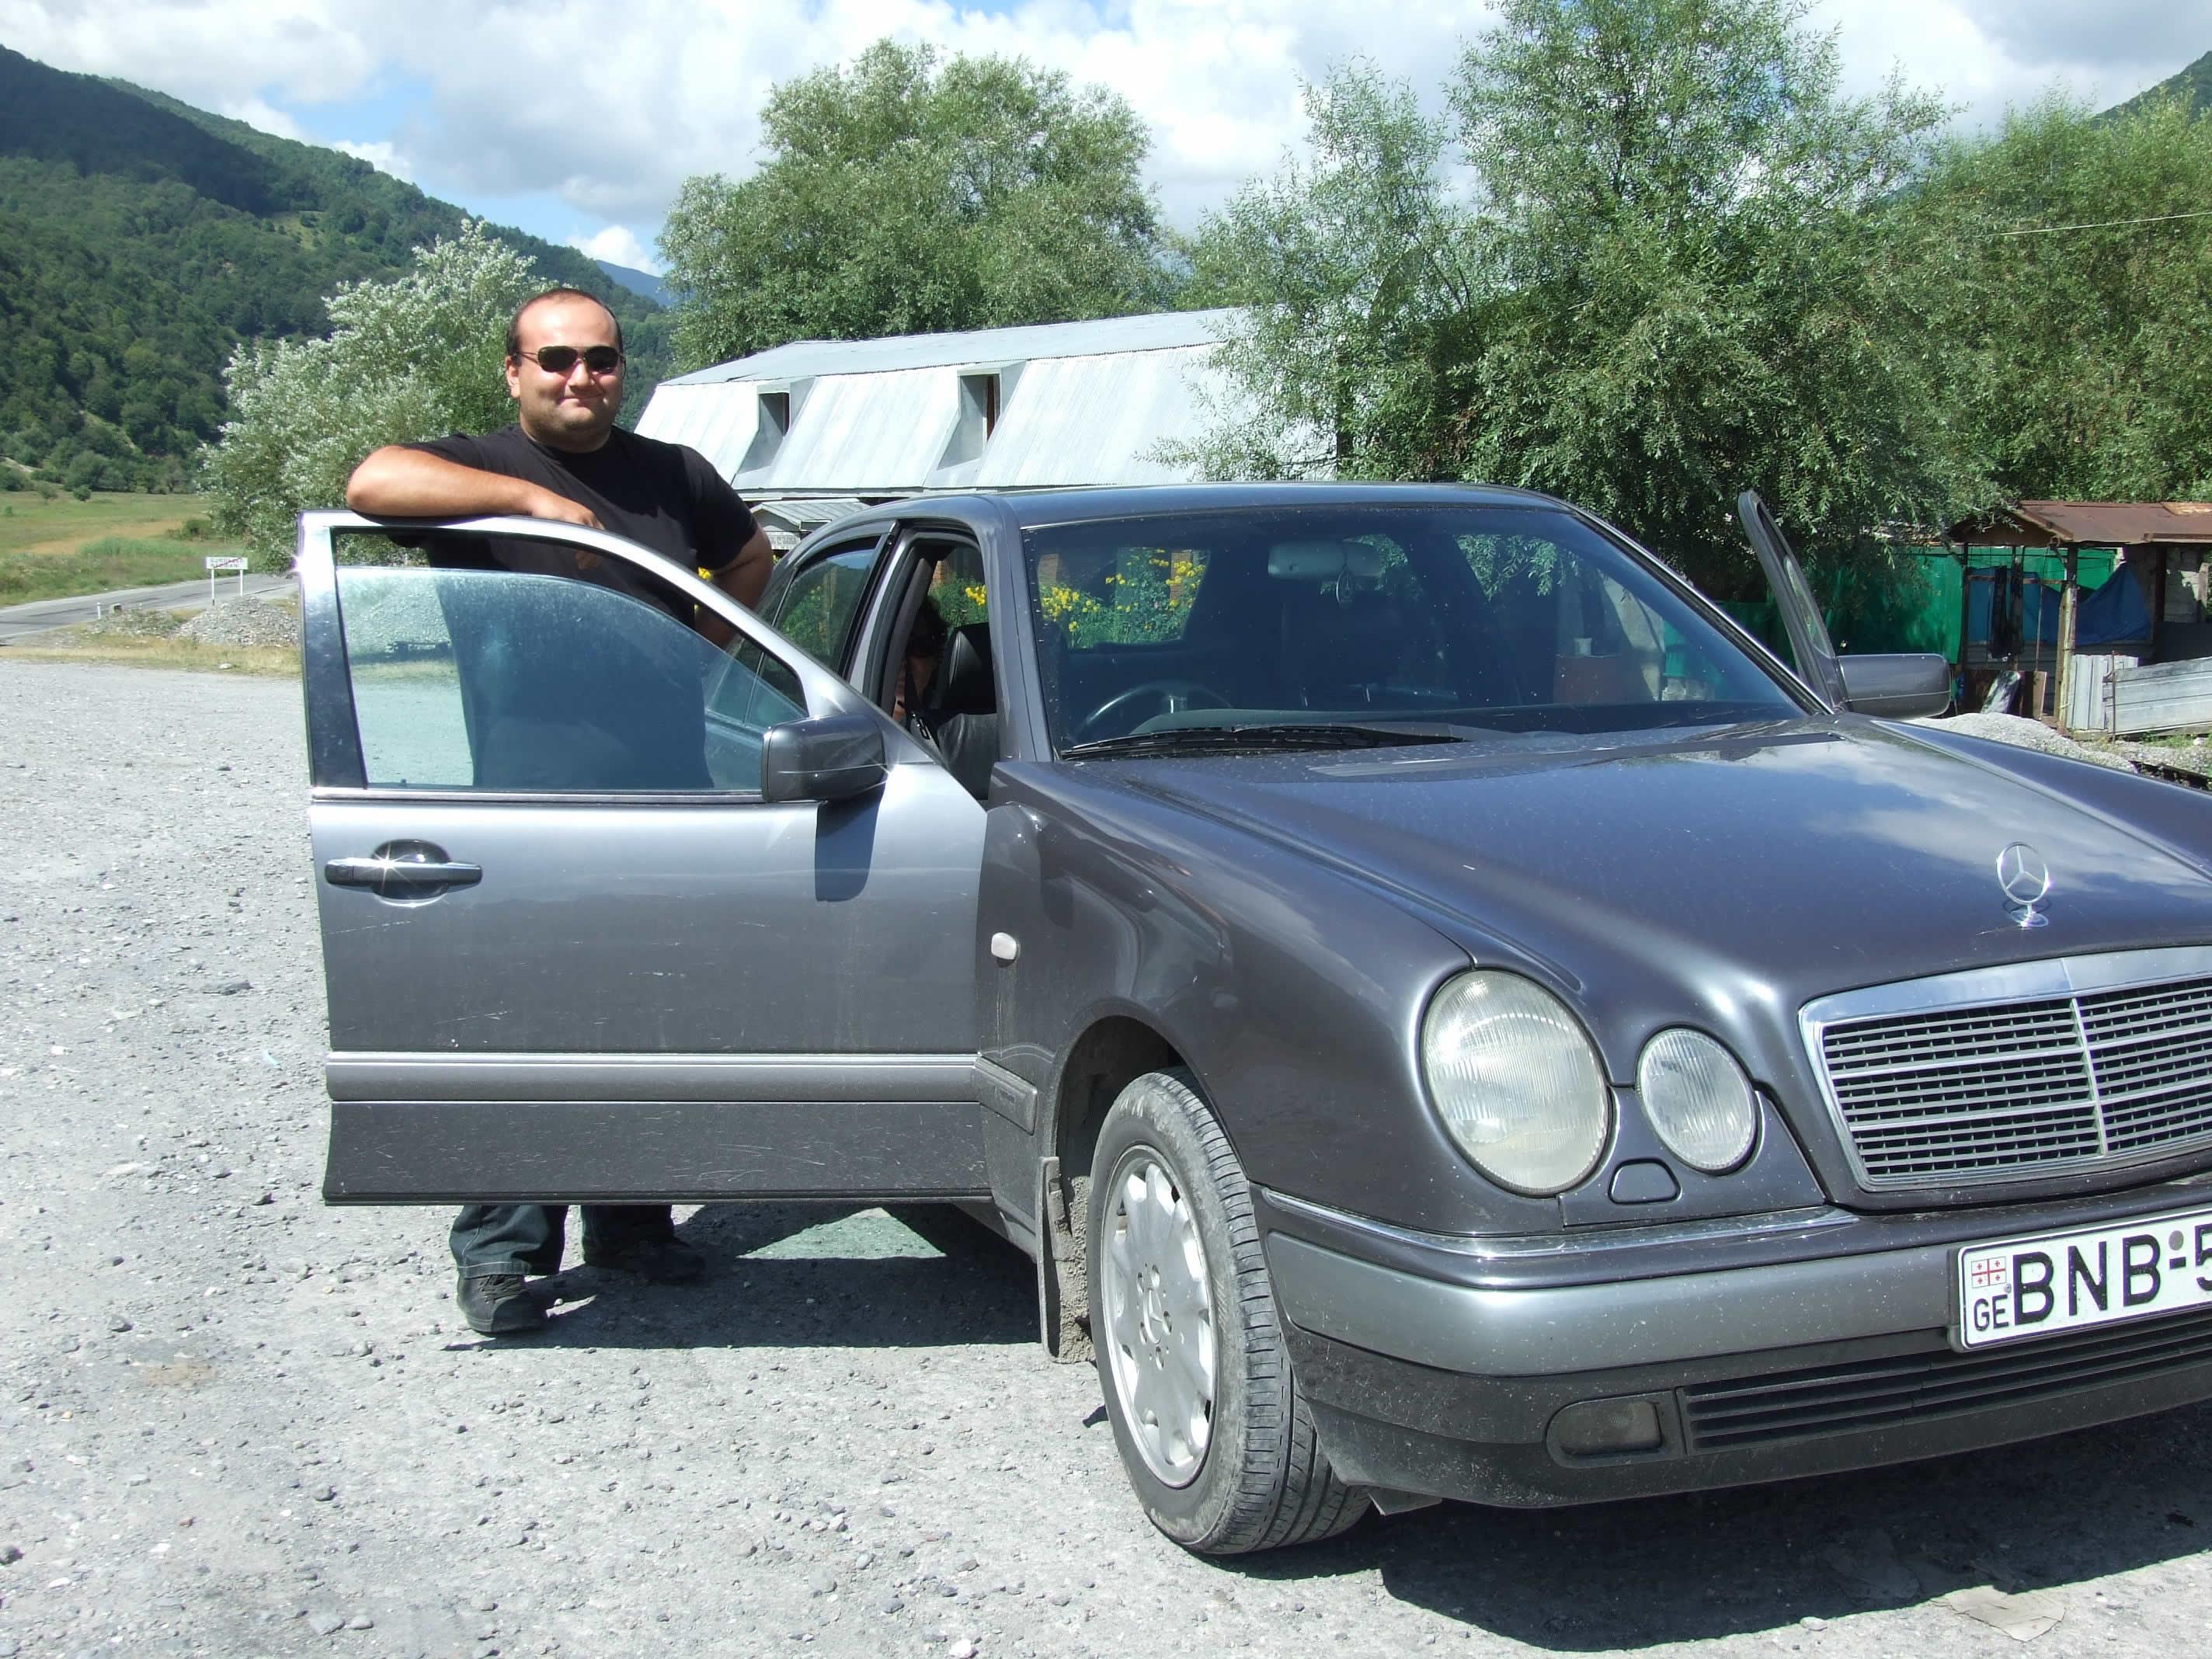 Georgië met chauffeur